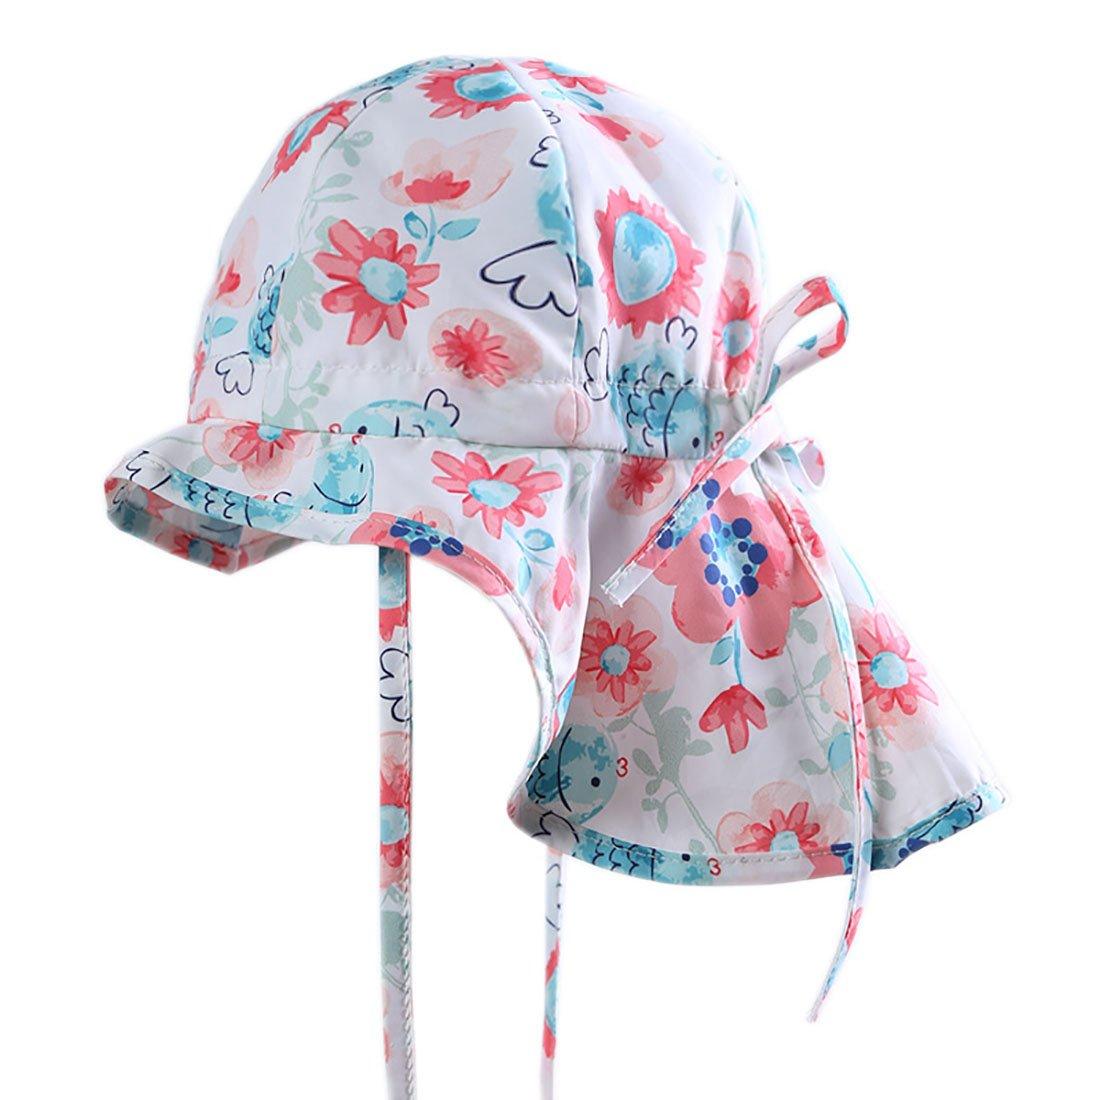 Boomly Casual Carino Estate Protezione da Sole Berretto di Cotone Anti-UV Cappello da Sole Viaggio Spiaggia Cappello per bambini